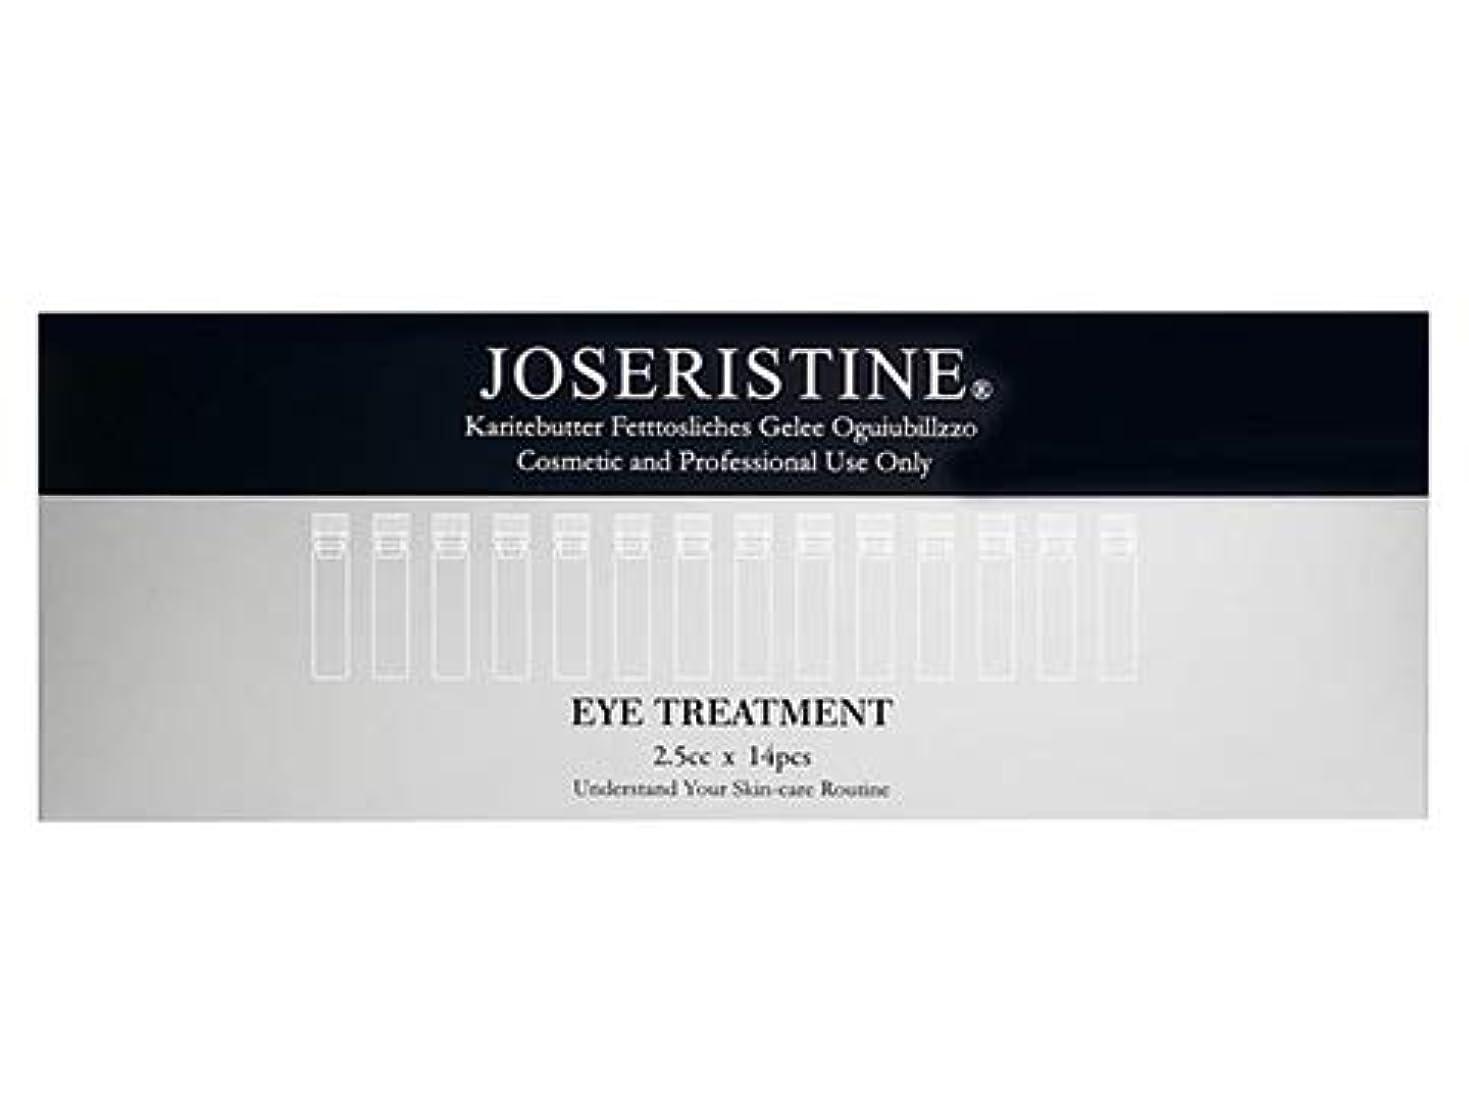 アームストロング説明的哲学者[Joseristine] アイ トリートメント Joseristine Eye Treatment (14pcs)